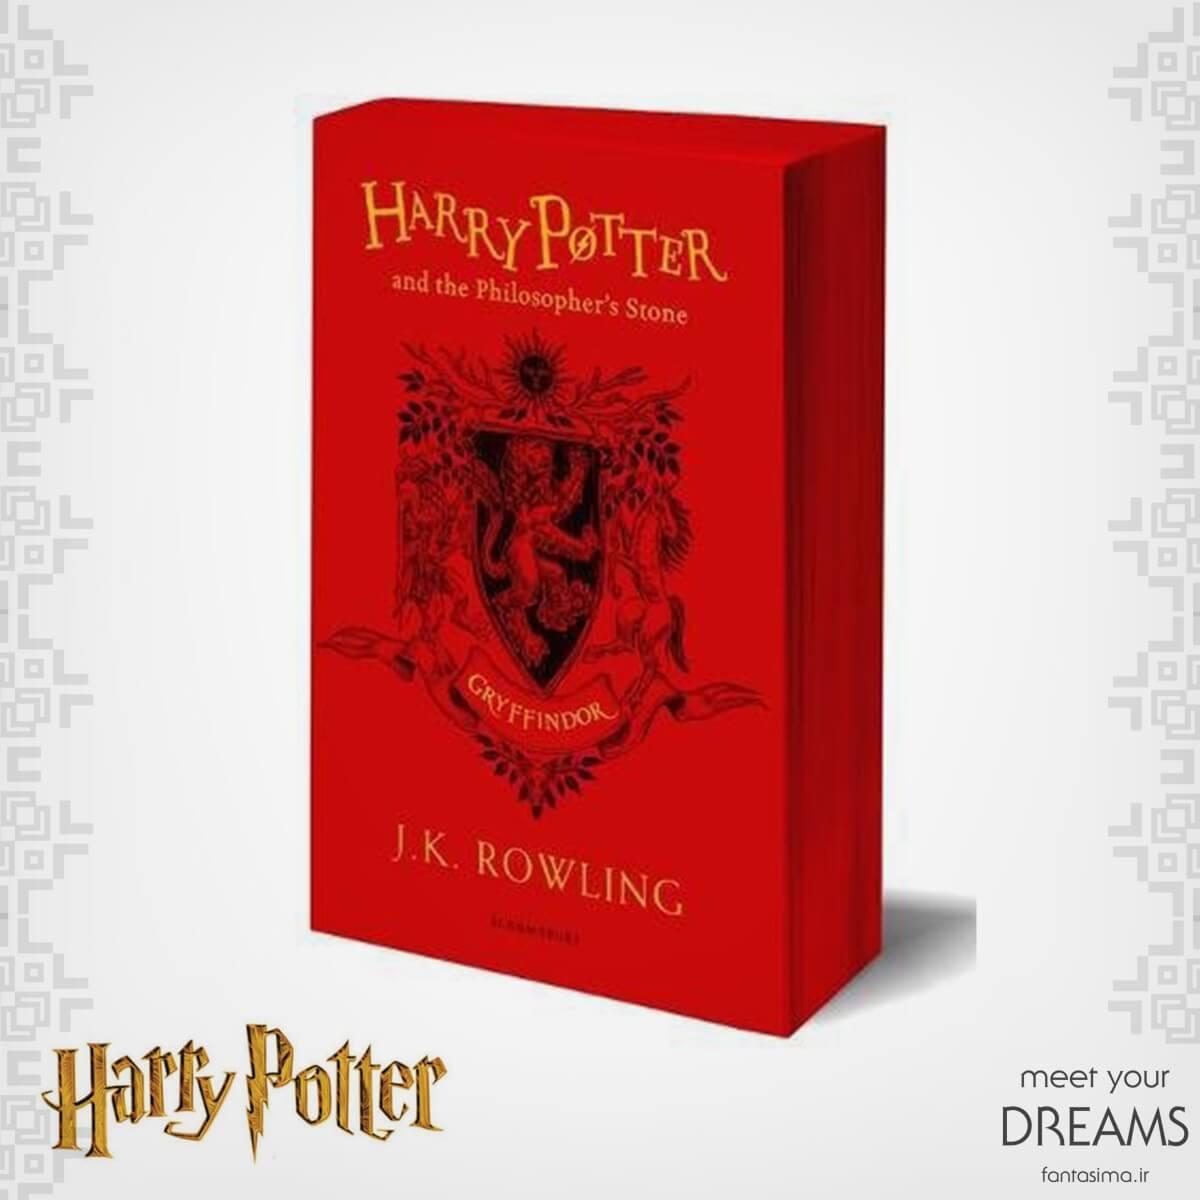 کتاب هری پاتر و سنگ جادو - نسخه گریفیندور - جلد کاغذی